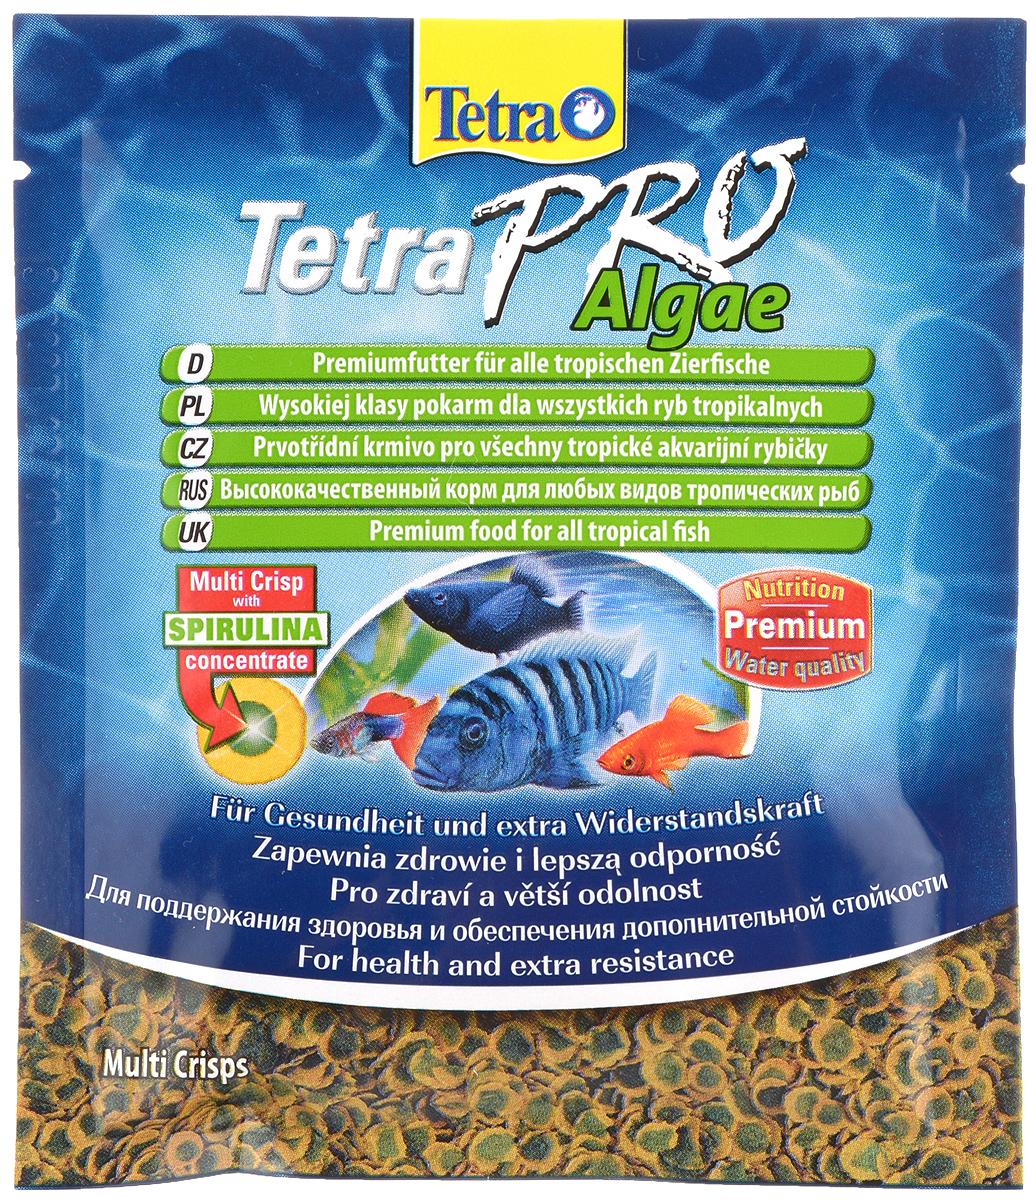 Полноценный_высококачественный_корм_Tetra_~TetraPro._Algae~_для_всех_видов_тропических_рыб_разработан_для_поддержания_здоровья_и_придания_дополнительной_стойкости._Особенности_Tetra_~TetraPro._Algae~:_-_щадящая_низкотемпературная_технология_изготовления_для_высокой_питательной_ценности_и_стабильности_витаминов;-_концентрат_спирулина_для_повышения_сопротивляемости_организма;-_инновационная_форма_чипсов_для_минимального_загрязнения_воды;-_идеально_подходит_для_растительноядных_рыб;-_легкое_кормление._Рекомендации_по_кормлению:_кормить_несколько_раз_в_день_маленькими_порциями.Состав:_рыба_и_побочные_рыбные_продукты,_зерновые_культуры,_экстракты_растительного_белка,_дрожжи,_моллюски_и_раки,_масла_и_жиры,_водоросли_(спирулина_1%25).Аналитические_компоненты:_сырой_белок_-_46%25,_сырые_масла_и_жиры_-_12%25,_сырая_клетчатка_-_3%25,_влага_-_9%25.Добавки:_витамины,_провитамины_и_химические_вещества_с_аналогичным_воздействием,_витамин_А_29810_МЕ/кг,_витамин_Д3_1860_МЕ/кг,_Л-карнитин_123_мг/кг._Комбинации_элементов:_Е5_Марганец_67_мг/кг,_Е6_Цинк_40_мг/кг,_Е1_Железо_26_мг/кг._Красители,_консерванты,_антиоксиданты.Товар_сертифицирован.